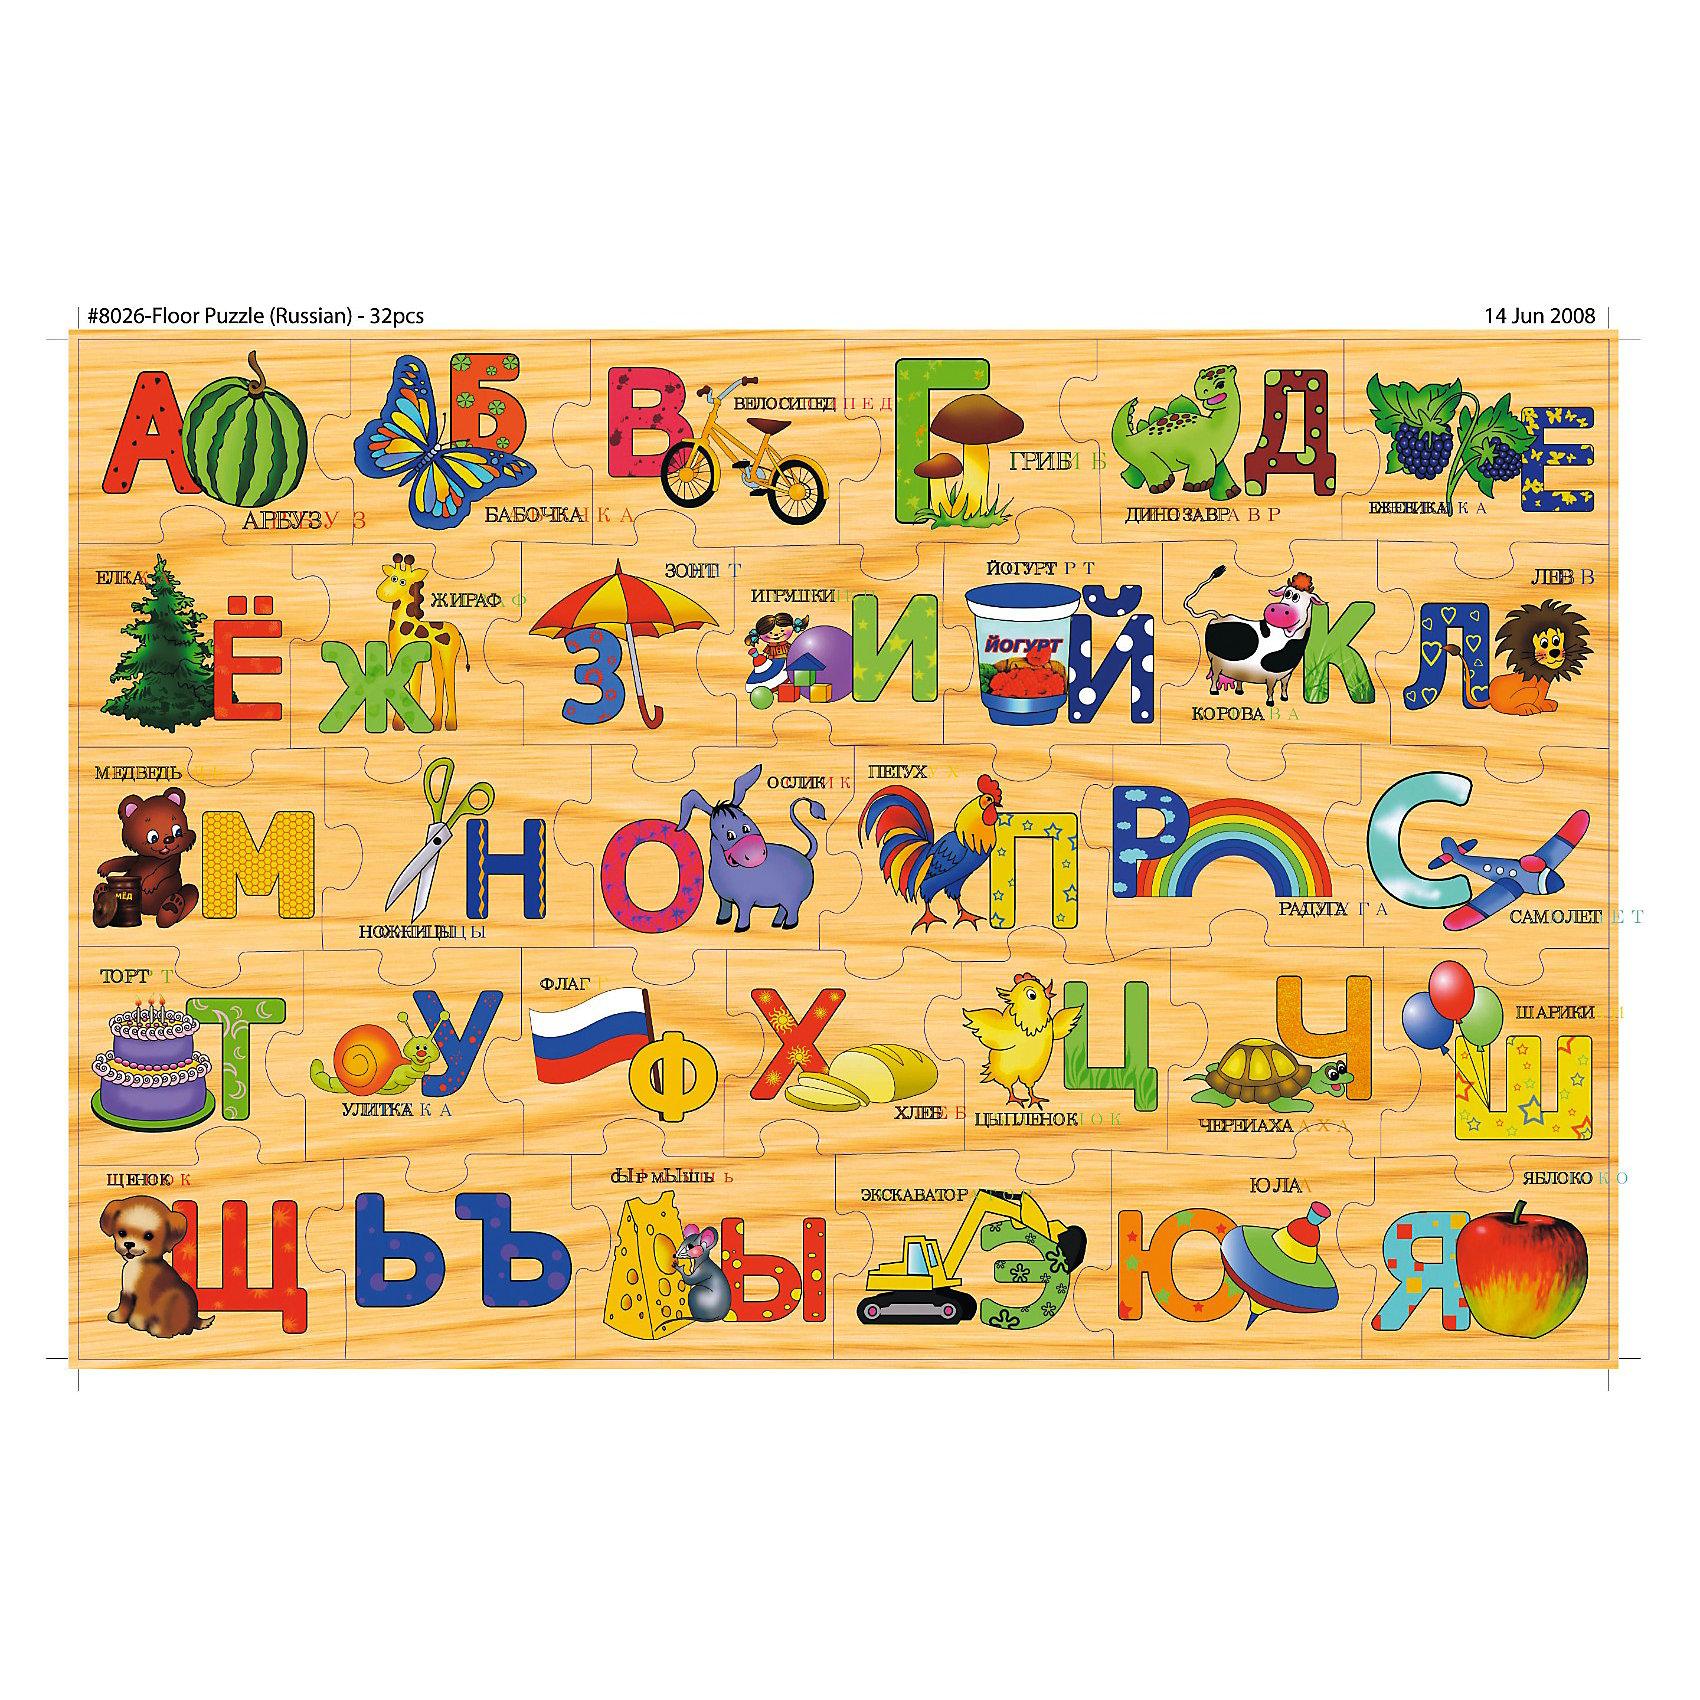 Алфавит, СТЕЛЛА+Напольная игра-пазл с изображением букв алфавита и соответствующими картинками. Пазл предназначен для изучения алфавита, развития внимания и логического мышления ребенка. 32 детали. Размер пазла в собранном виде 96х61см.<br><br>Ширина мм: 355<br>Глубина мм: 245<br>Высота мм: 65<br>Вес г: 1870<br>Возраст от месяцев: 36<br>Возраст до месяцев: 120<br>Пол: Унисекс<br>Возраст: Детский<br>SKU: 2328293